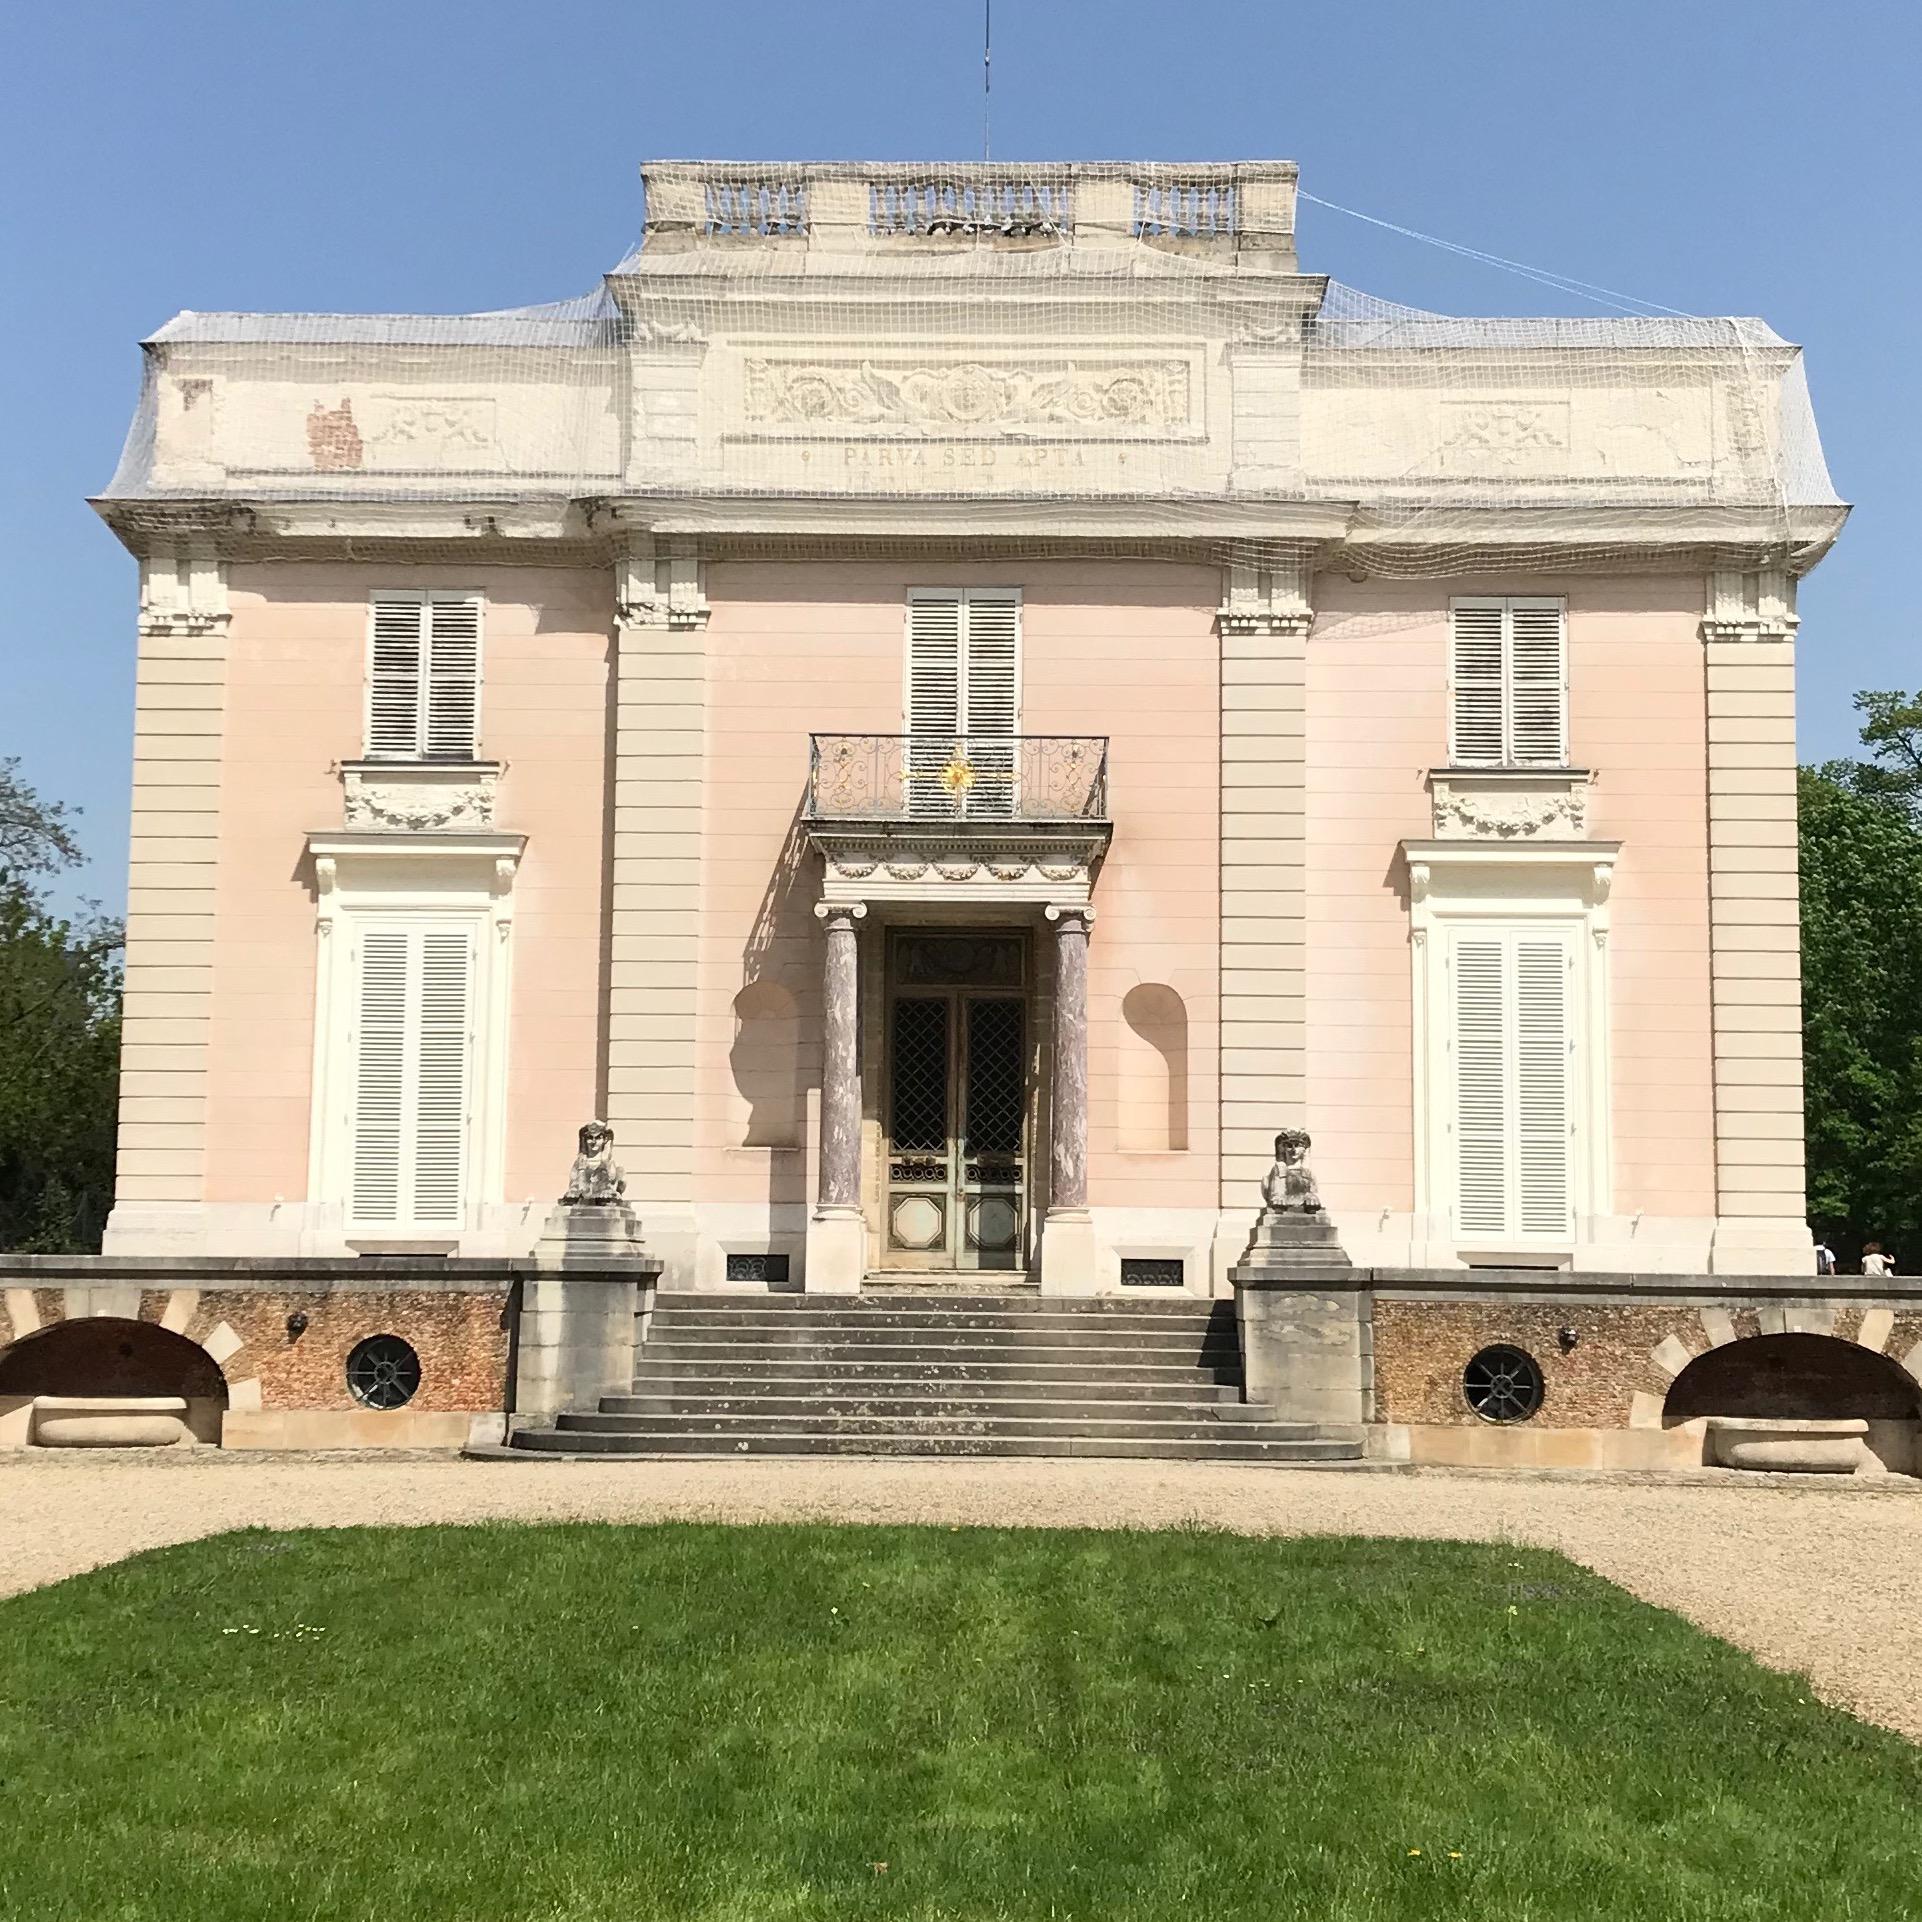 Chateau-de-Bagatelle